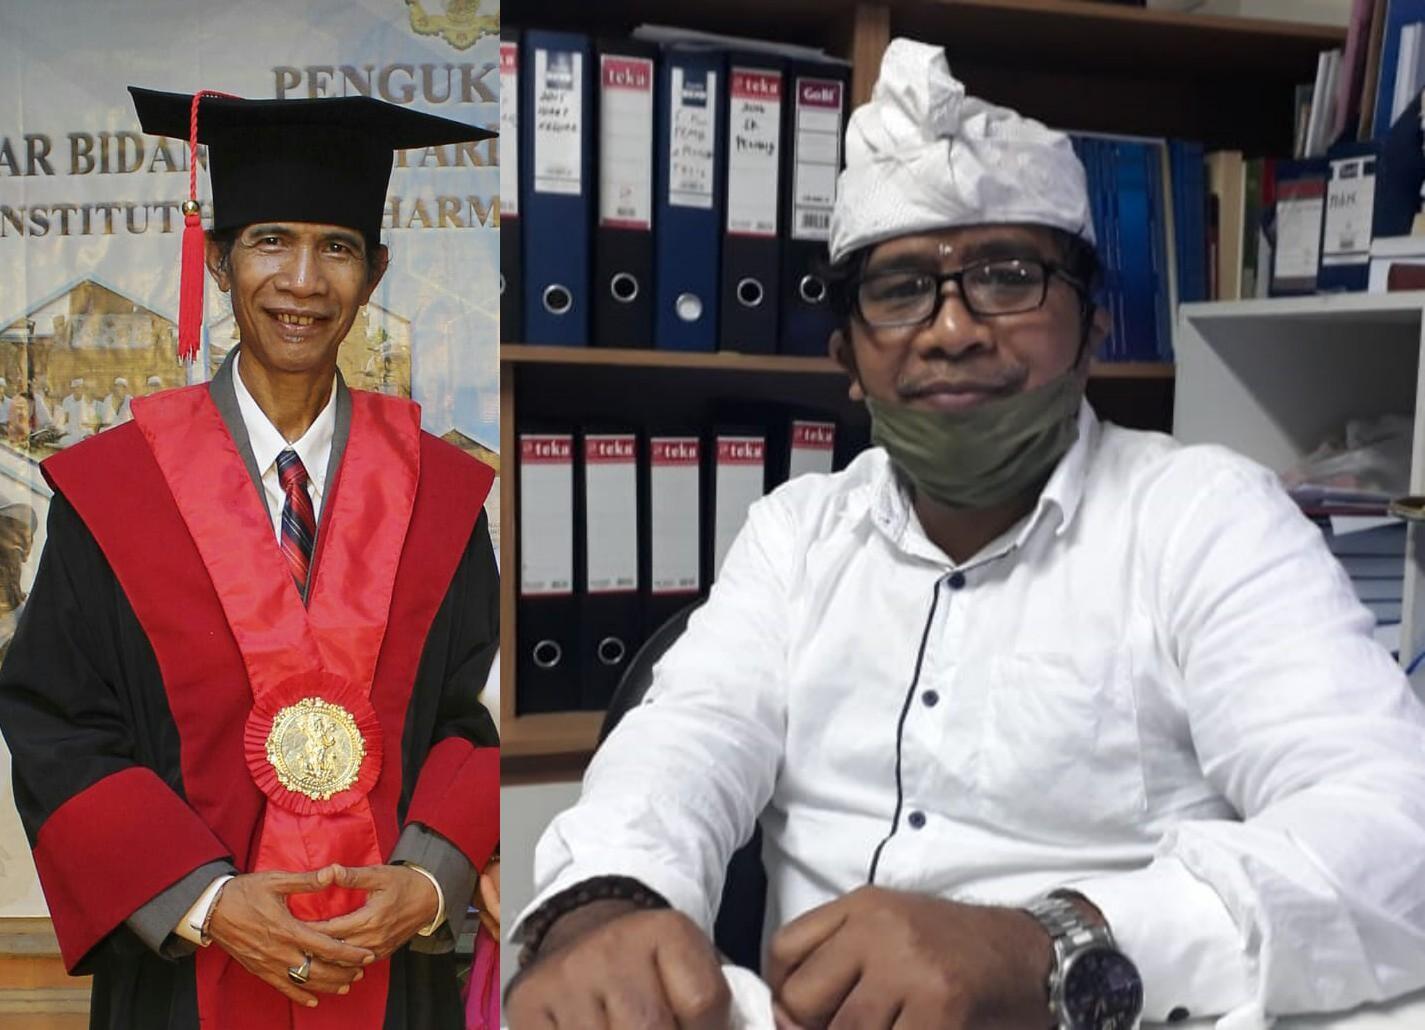 POS BALI/015 Dr. I Made Suniastha Amerta, S.S., M.Par. Prof. Dr. Drs. Ketut Sumadi, M.Par.